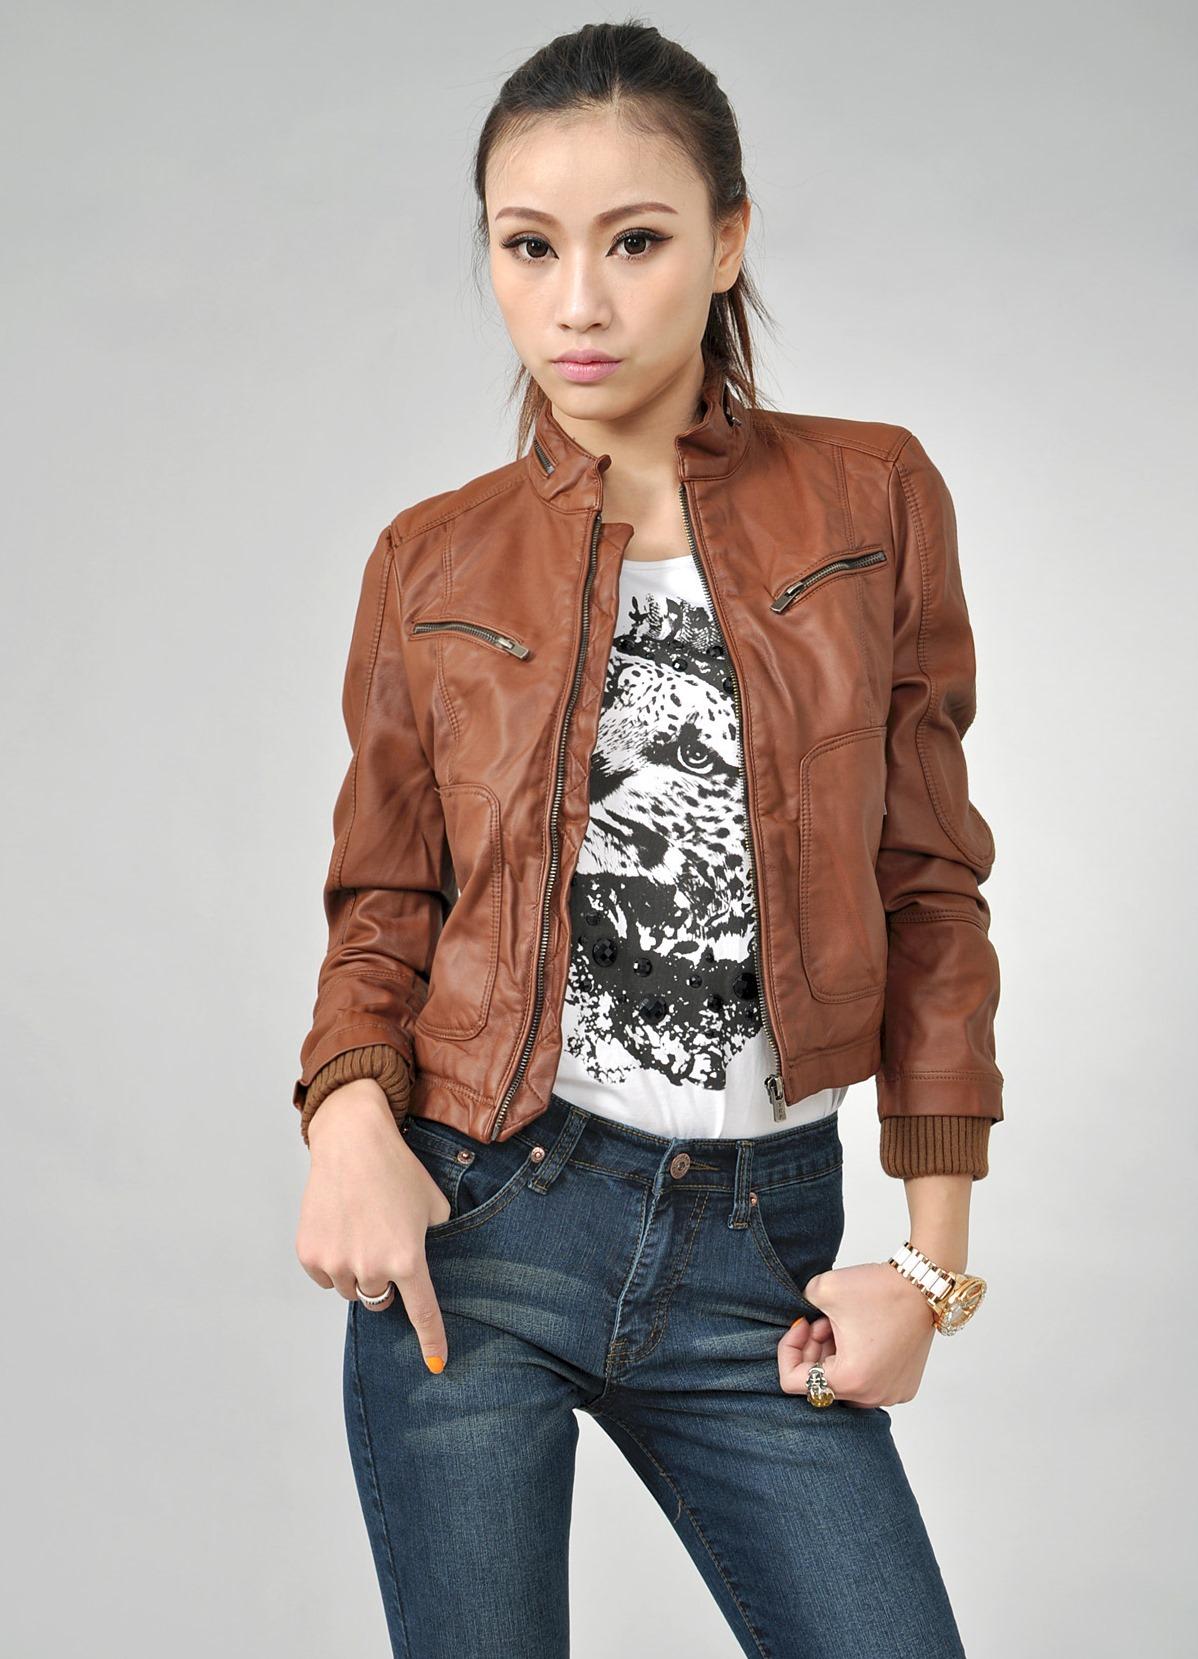 Кожаные Женские Куртки 2013